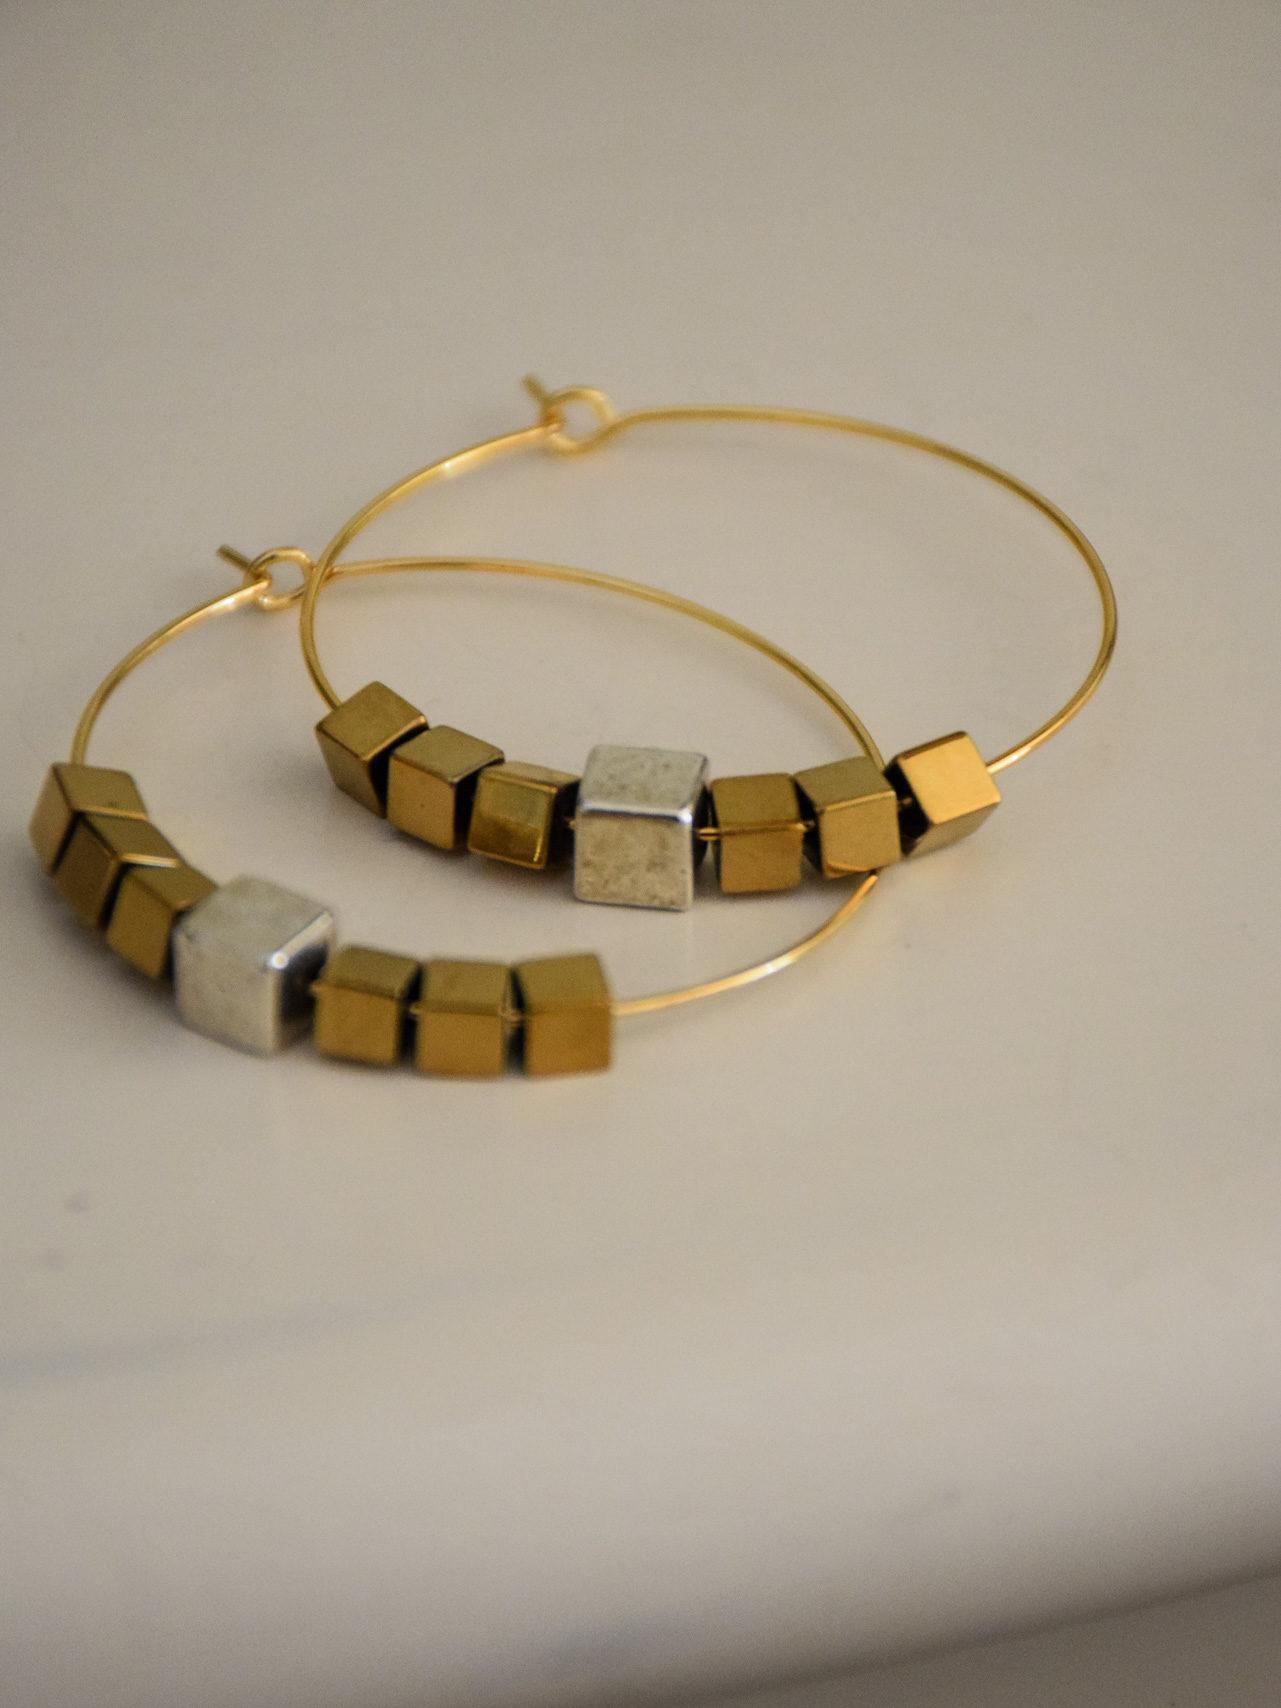 creoles-pixel-creation-de-bijoux-par-les-delires-de-lolotte